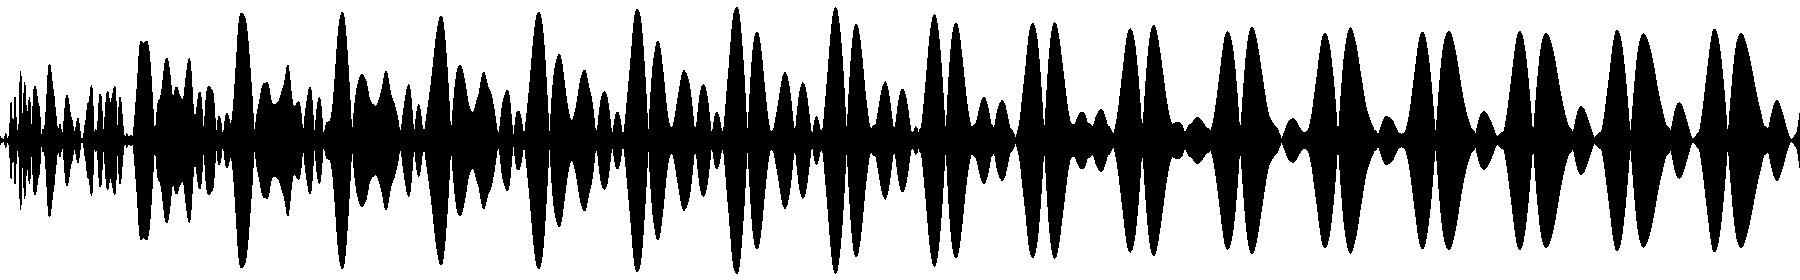 vedh bass cut 090 b